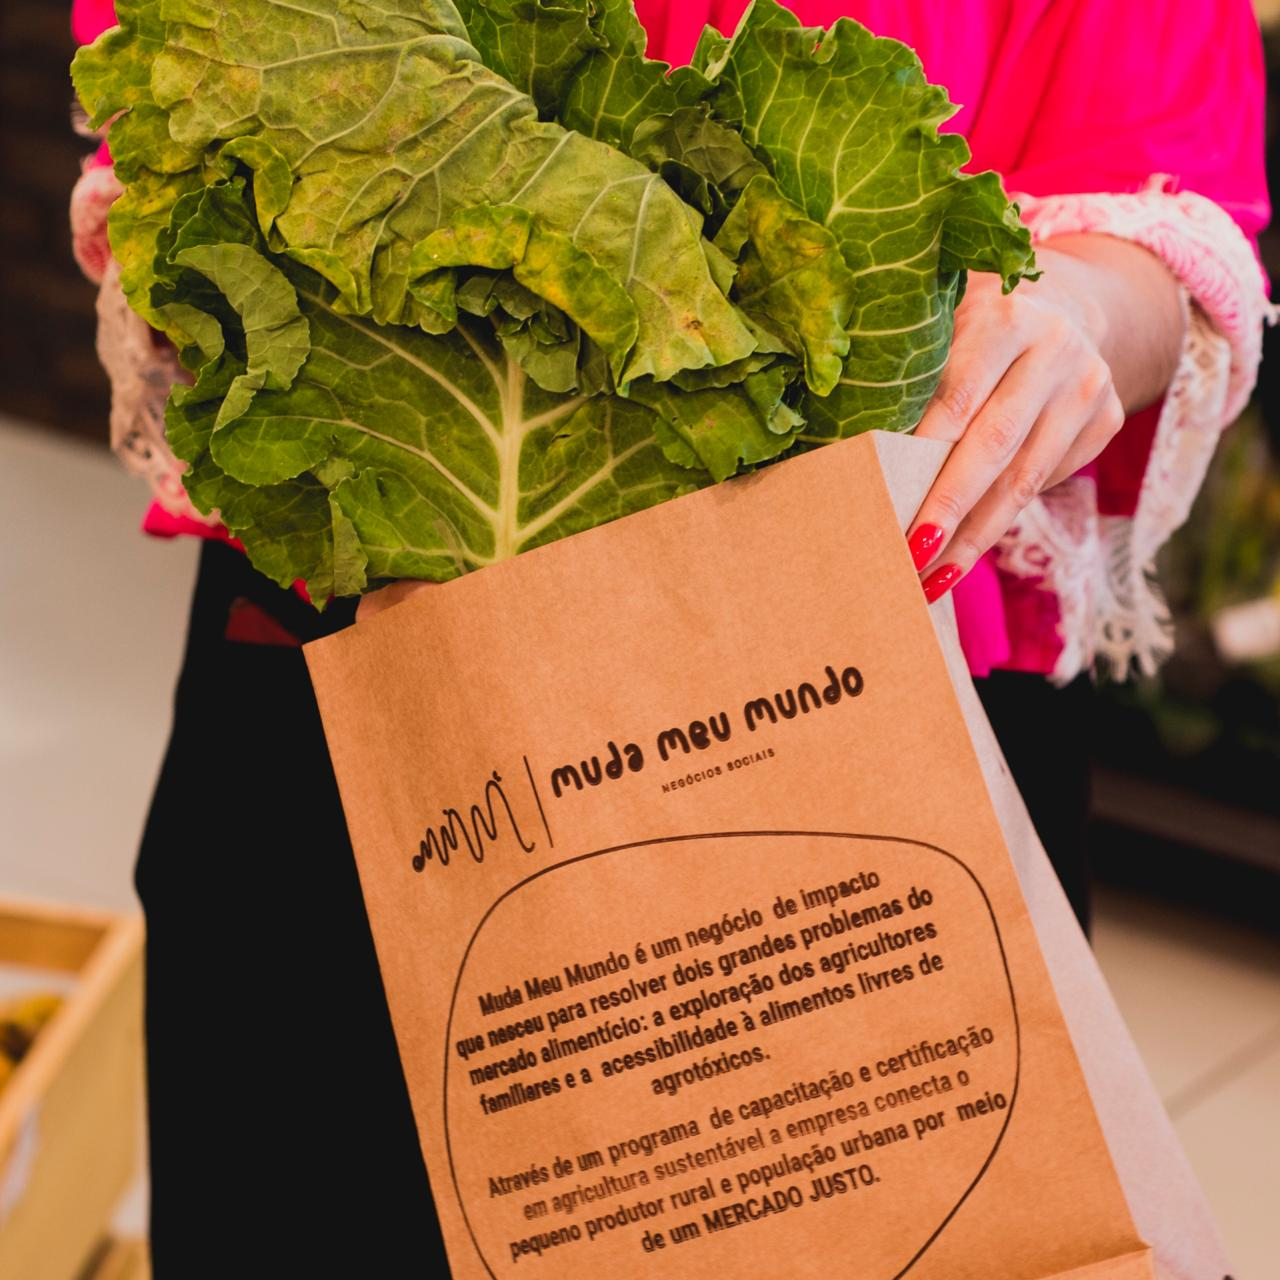 A iniciativa propõe um consumo consciente, além de apoiar a agriculta local. (Foto: Divulgação)